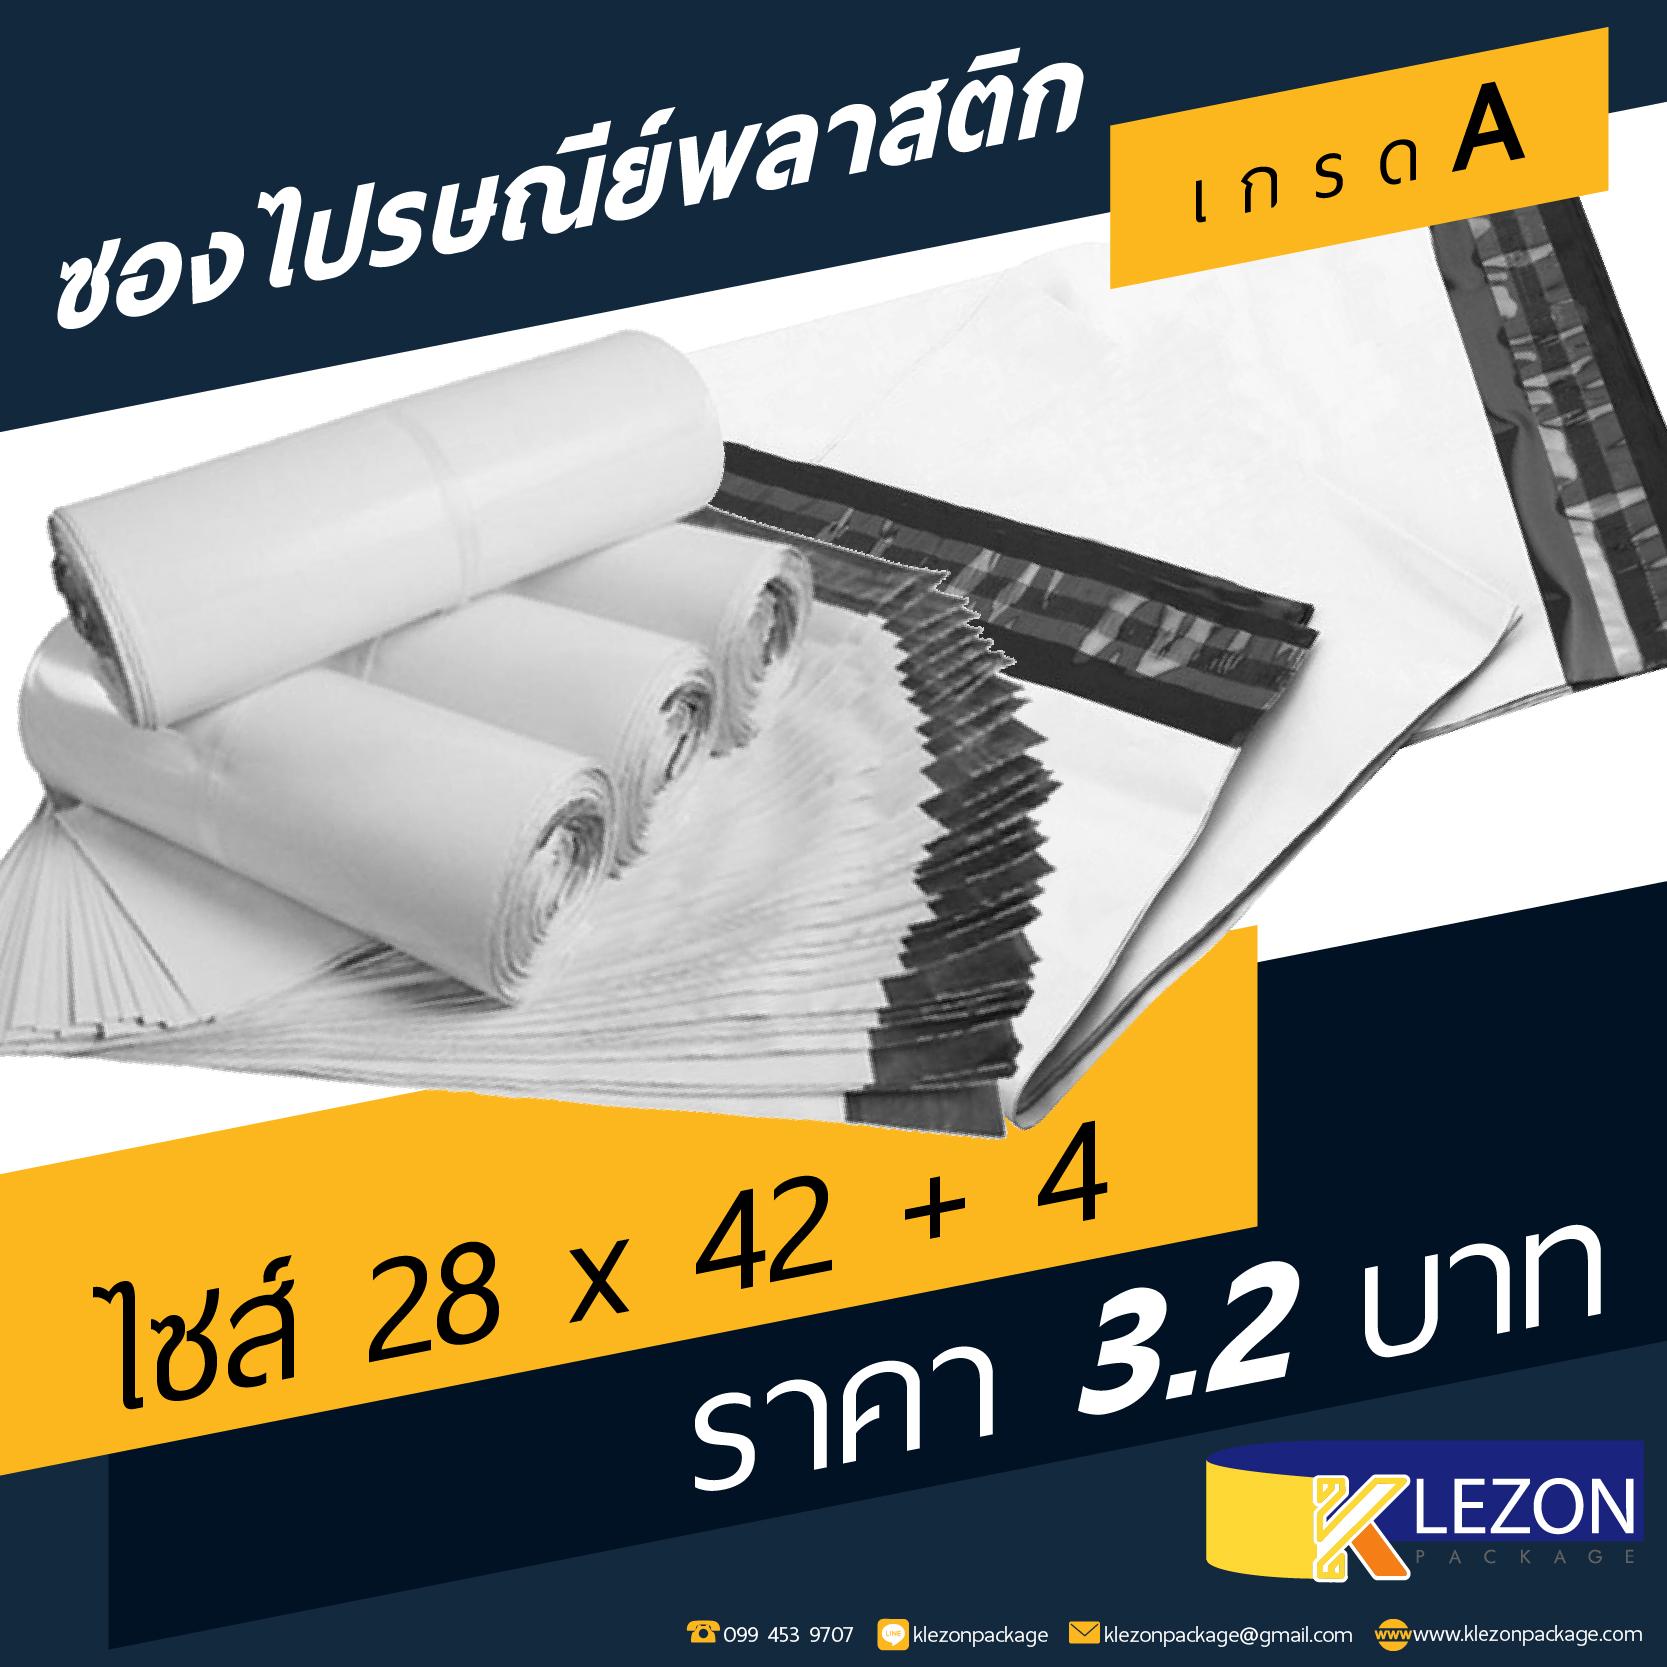 (100ซอง) ซองไปรษณีย์พลาสติกขนาด 28x42 cm+ ที่ผนึกซอง 4 cm สีขาวนม เกรด A